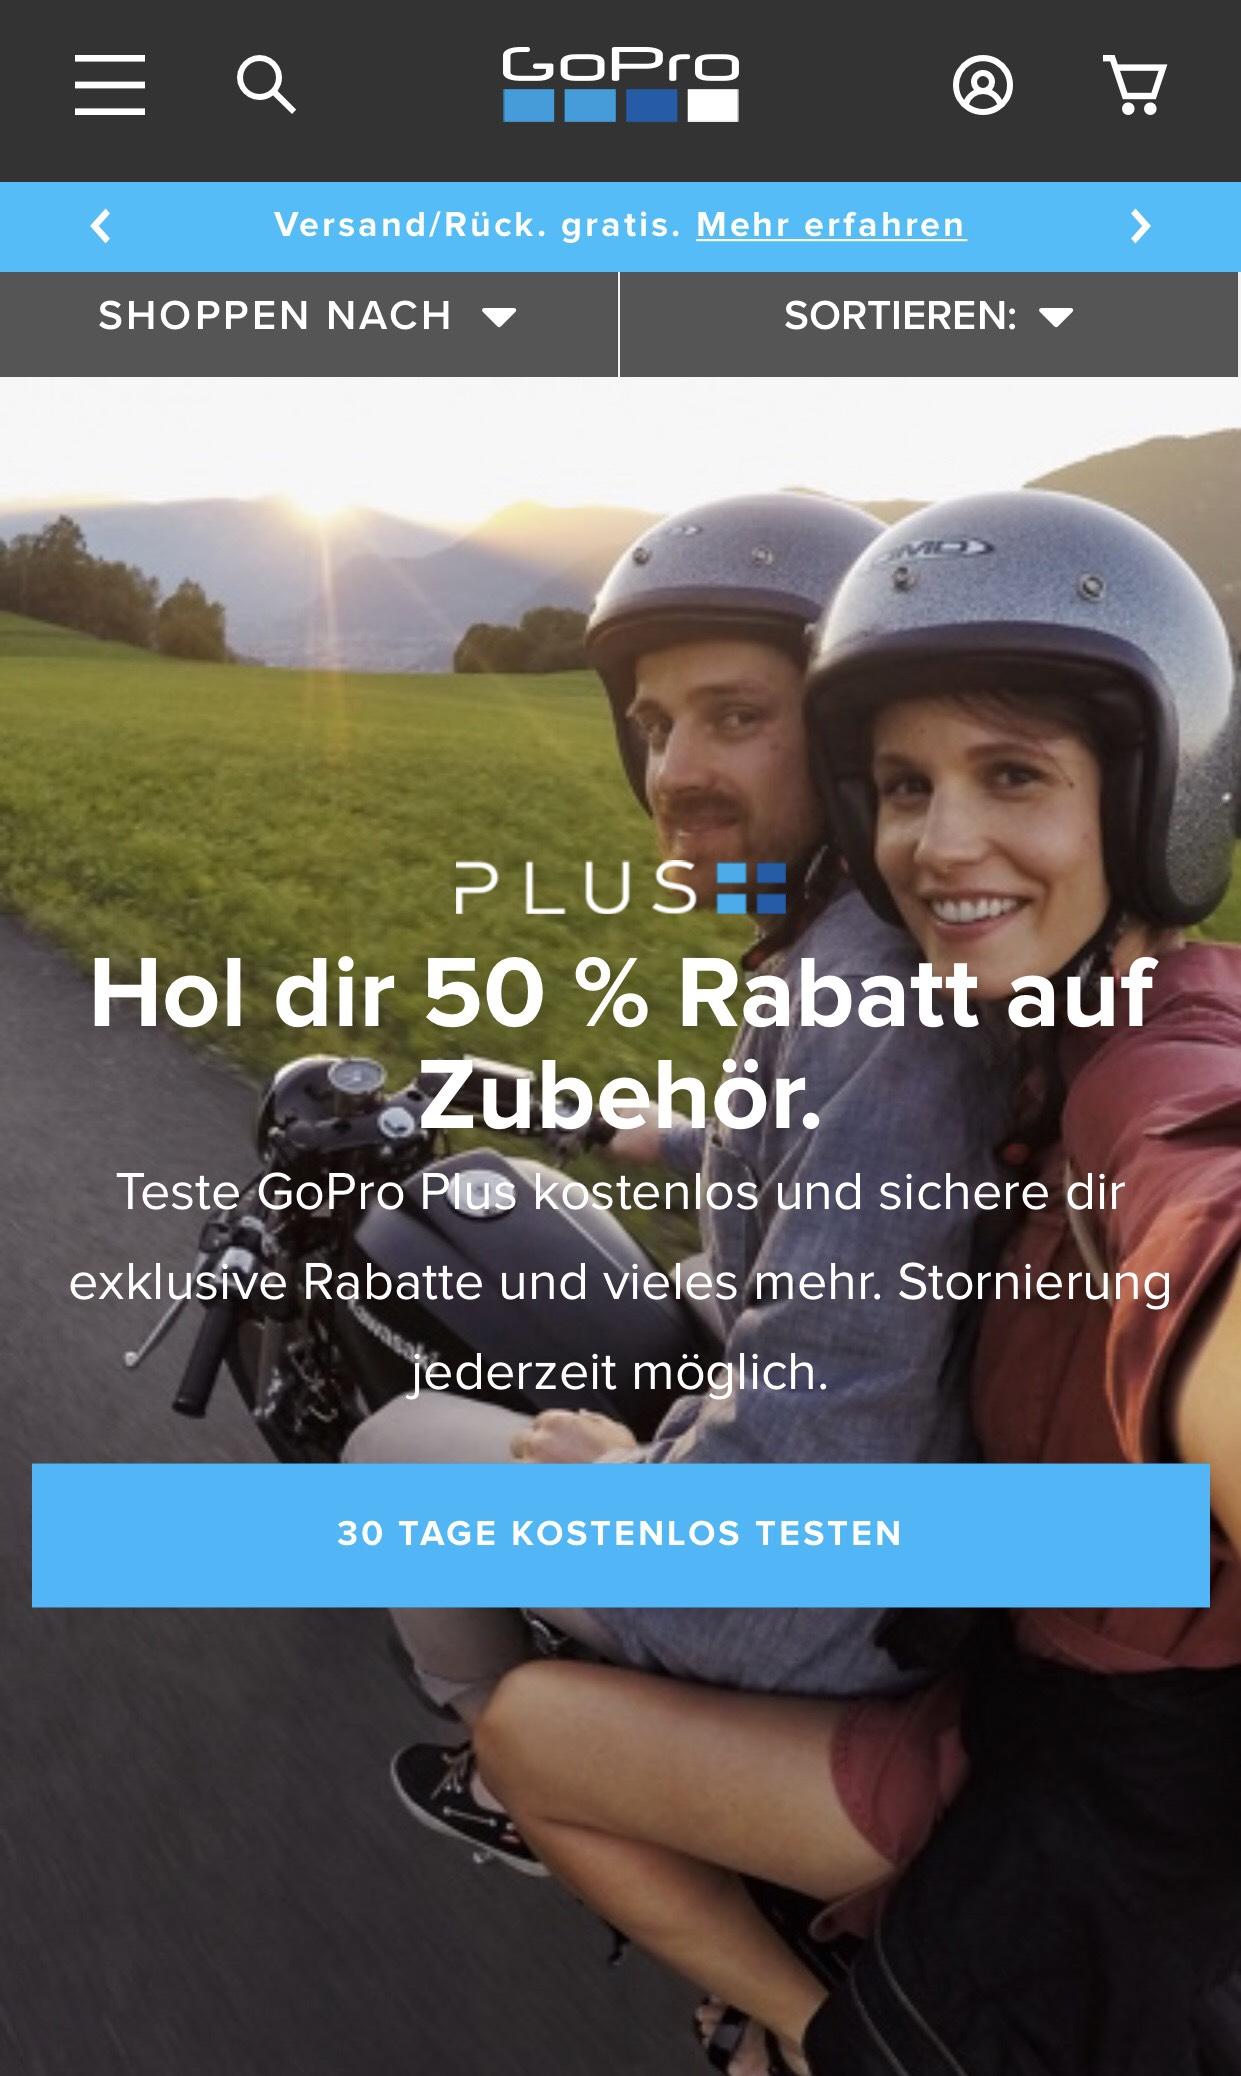 50% auf Zubehör mit GoPro Plus